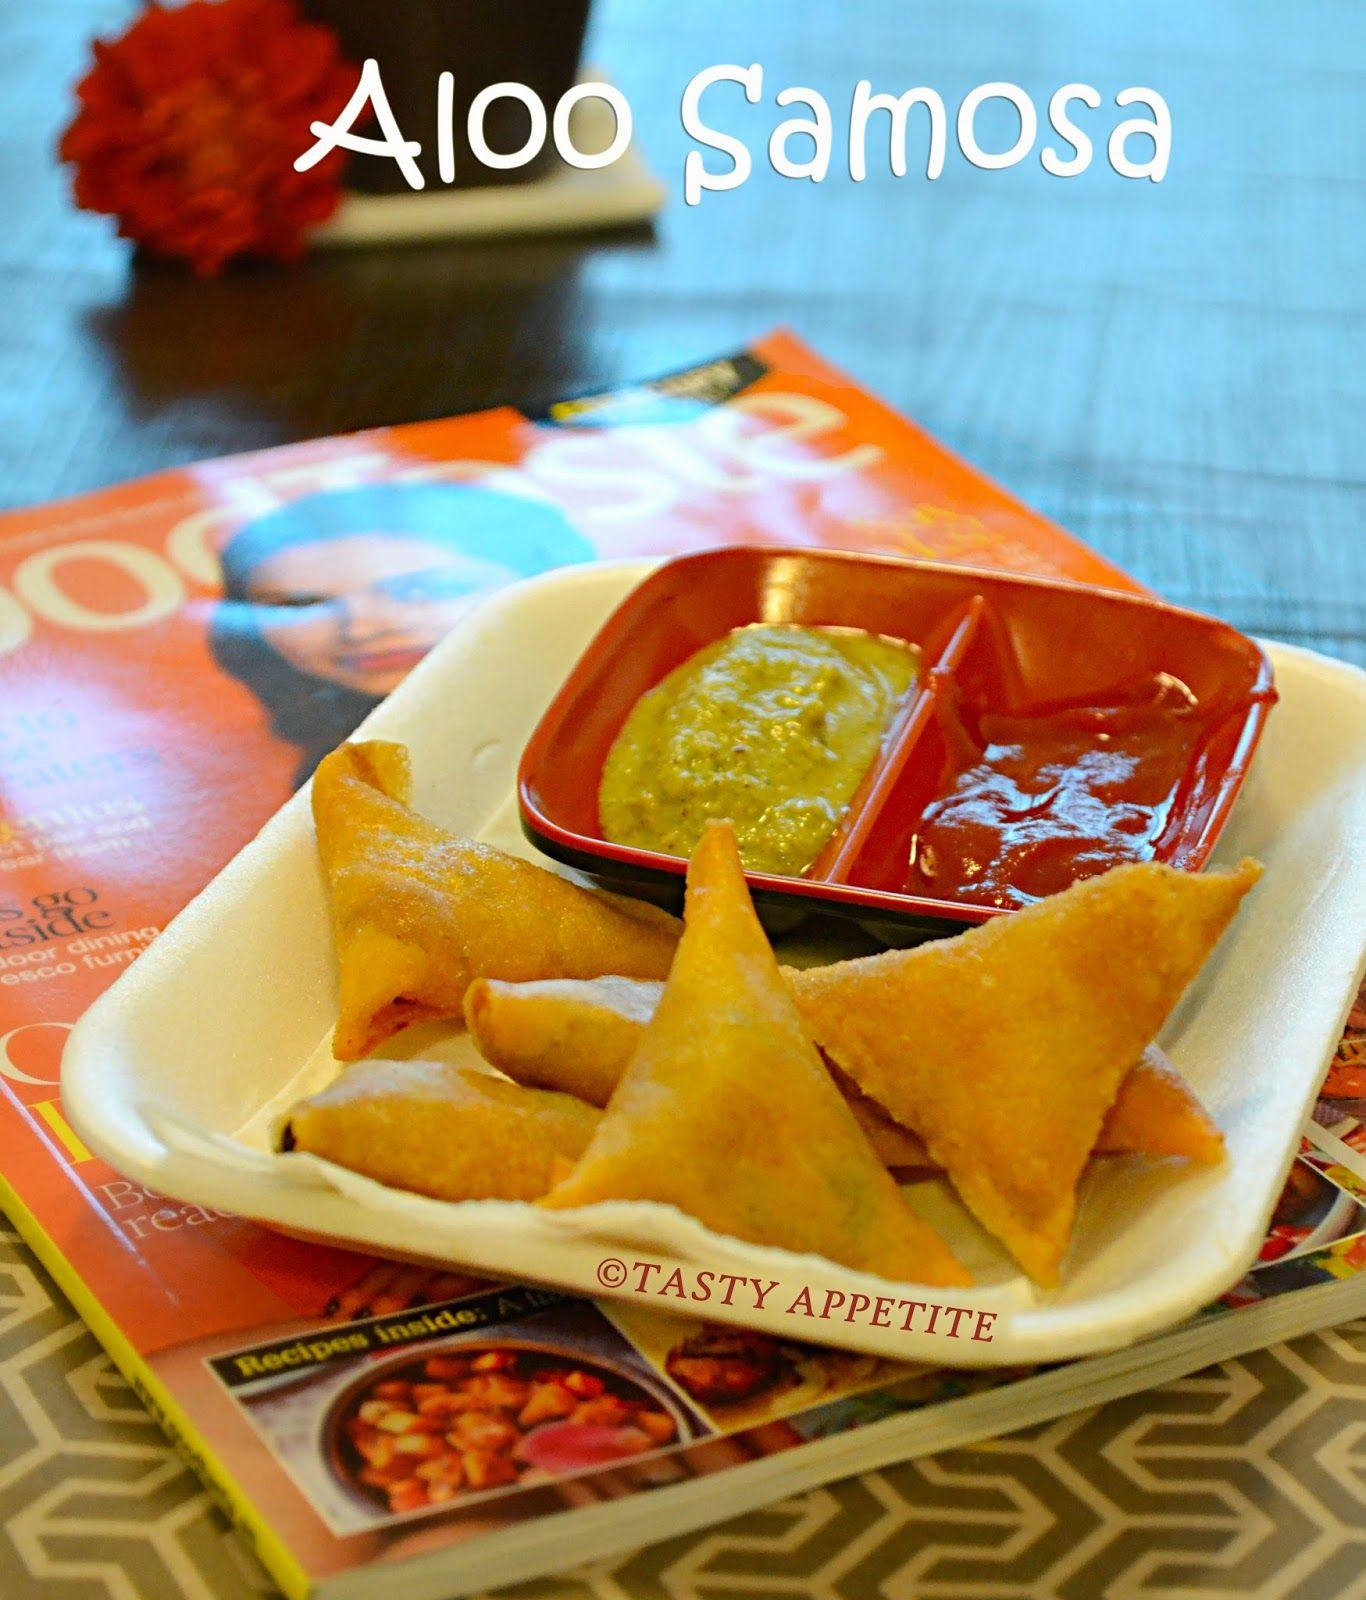 SAMOSA RECIPE / HOW TO MAKE POTATO SAMOSA / ALOO SAMOSA